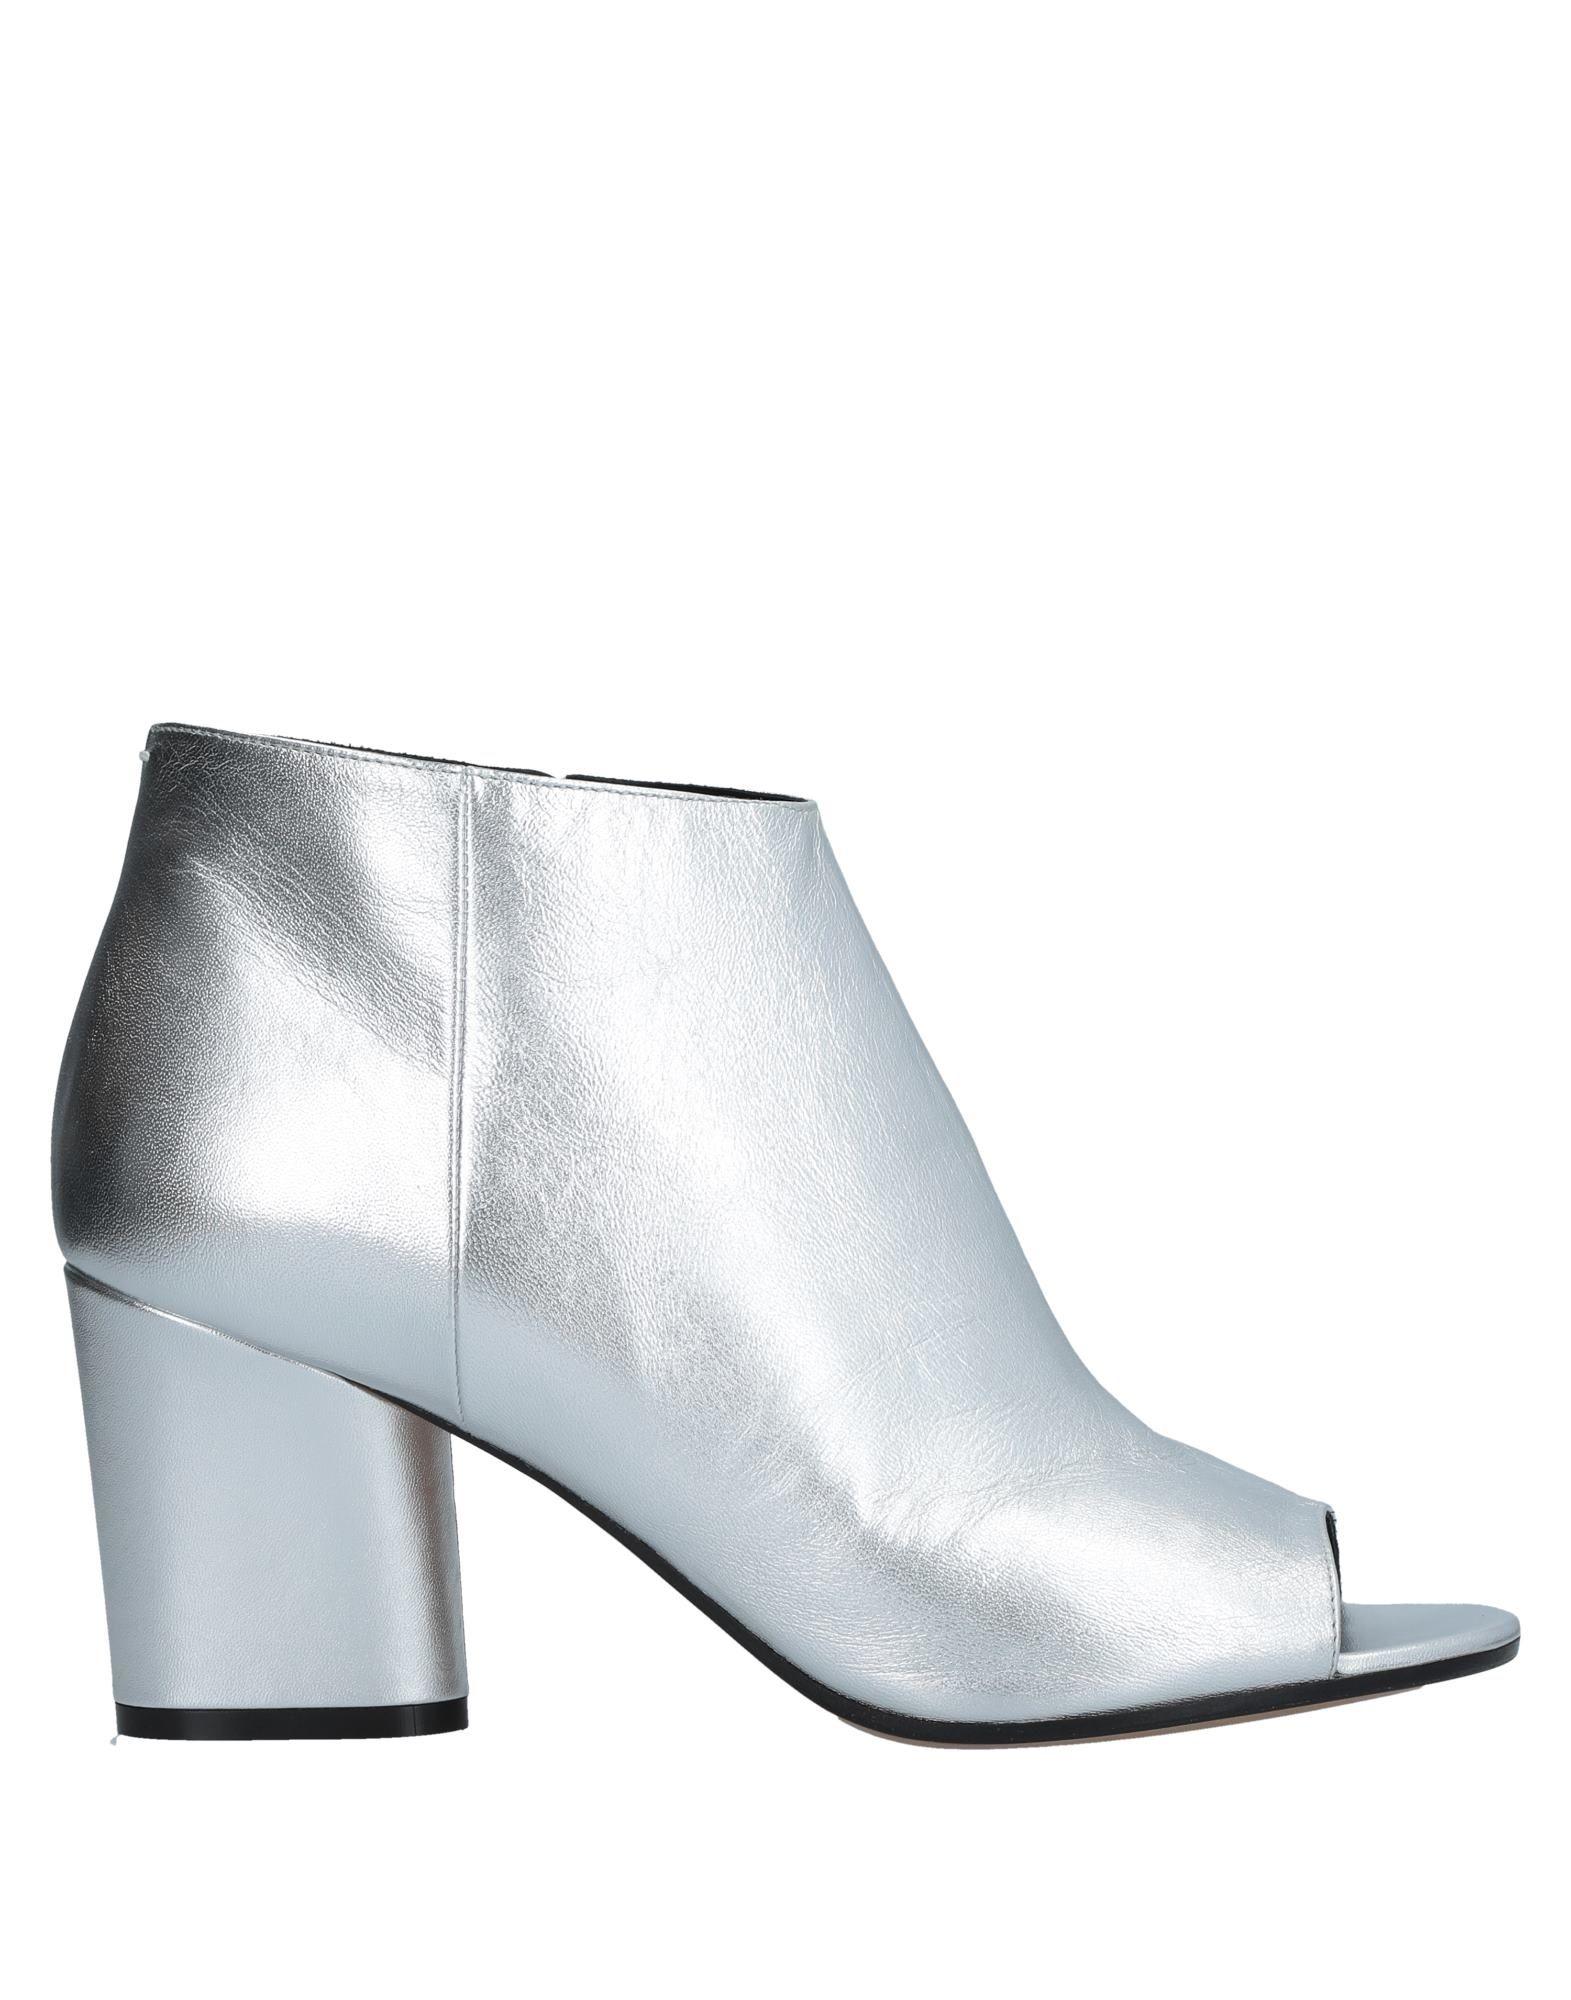 Maison Margiela Stiefelette Damen  11535506QXGünstige gut aussehende Schuhe